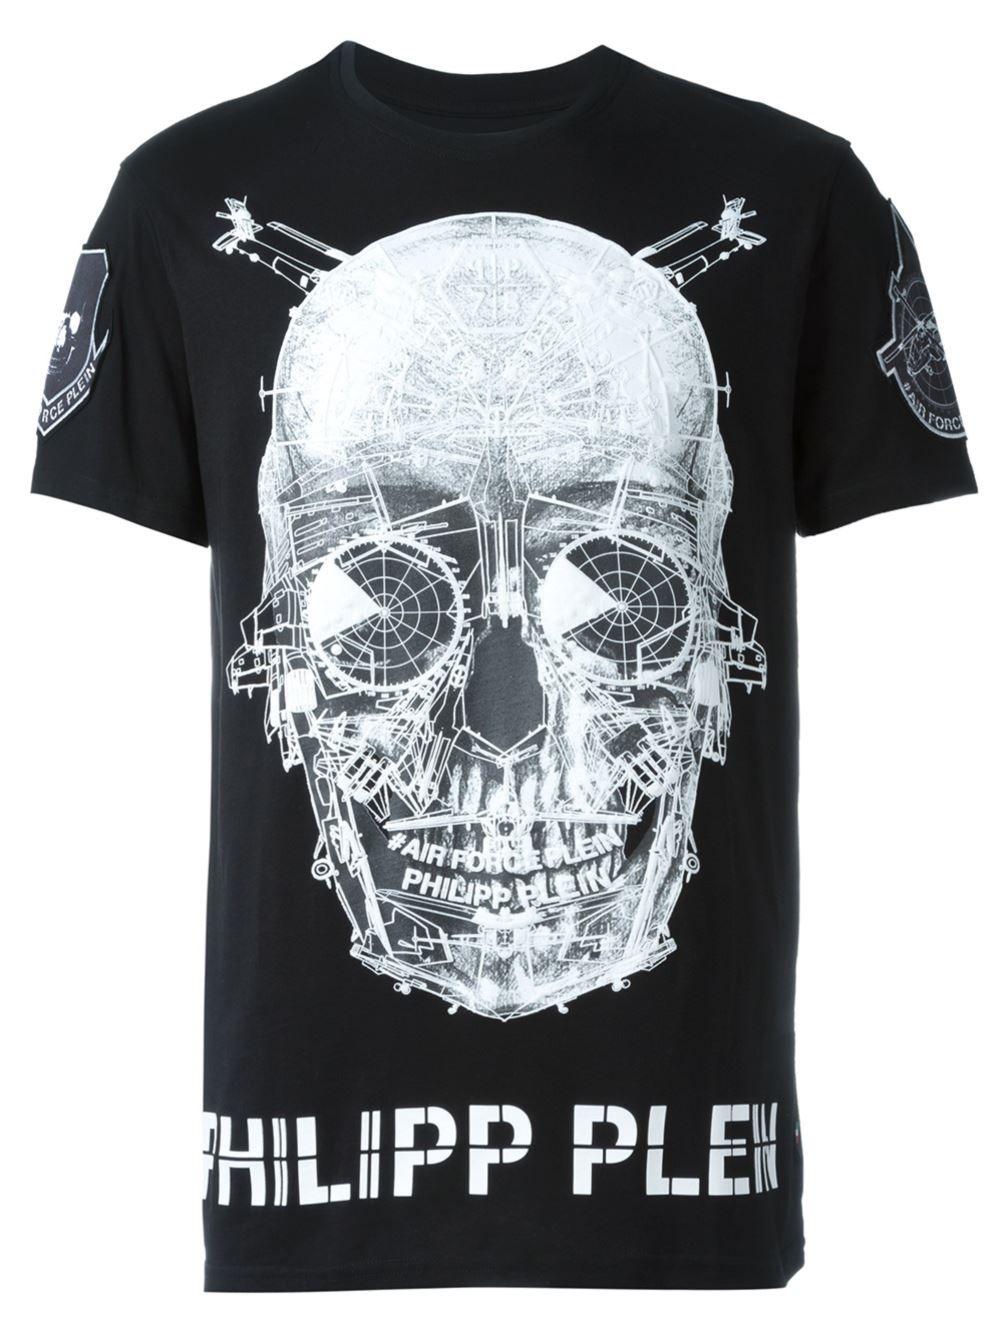 Philipp Plein t-shirt imprimé   T Shirt   Graphic Wear   Philipp ... ac7cec03bfc5